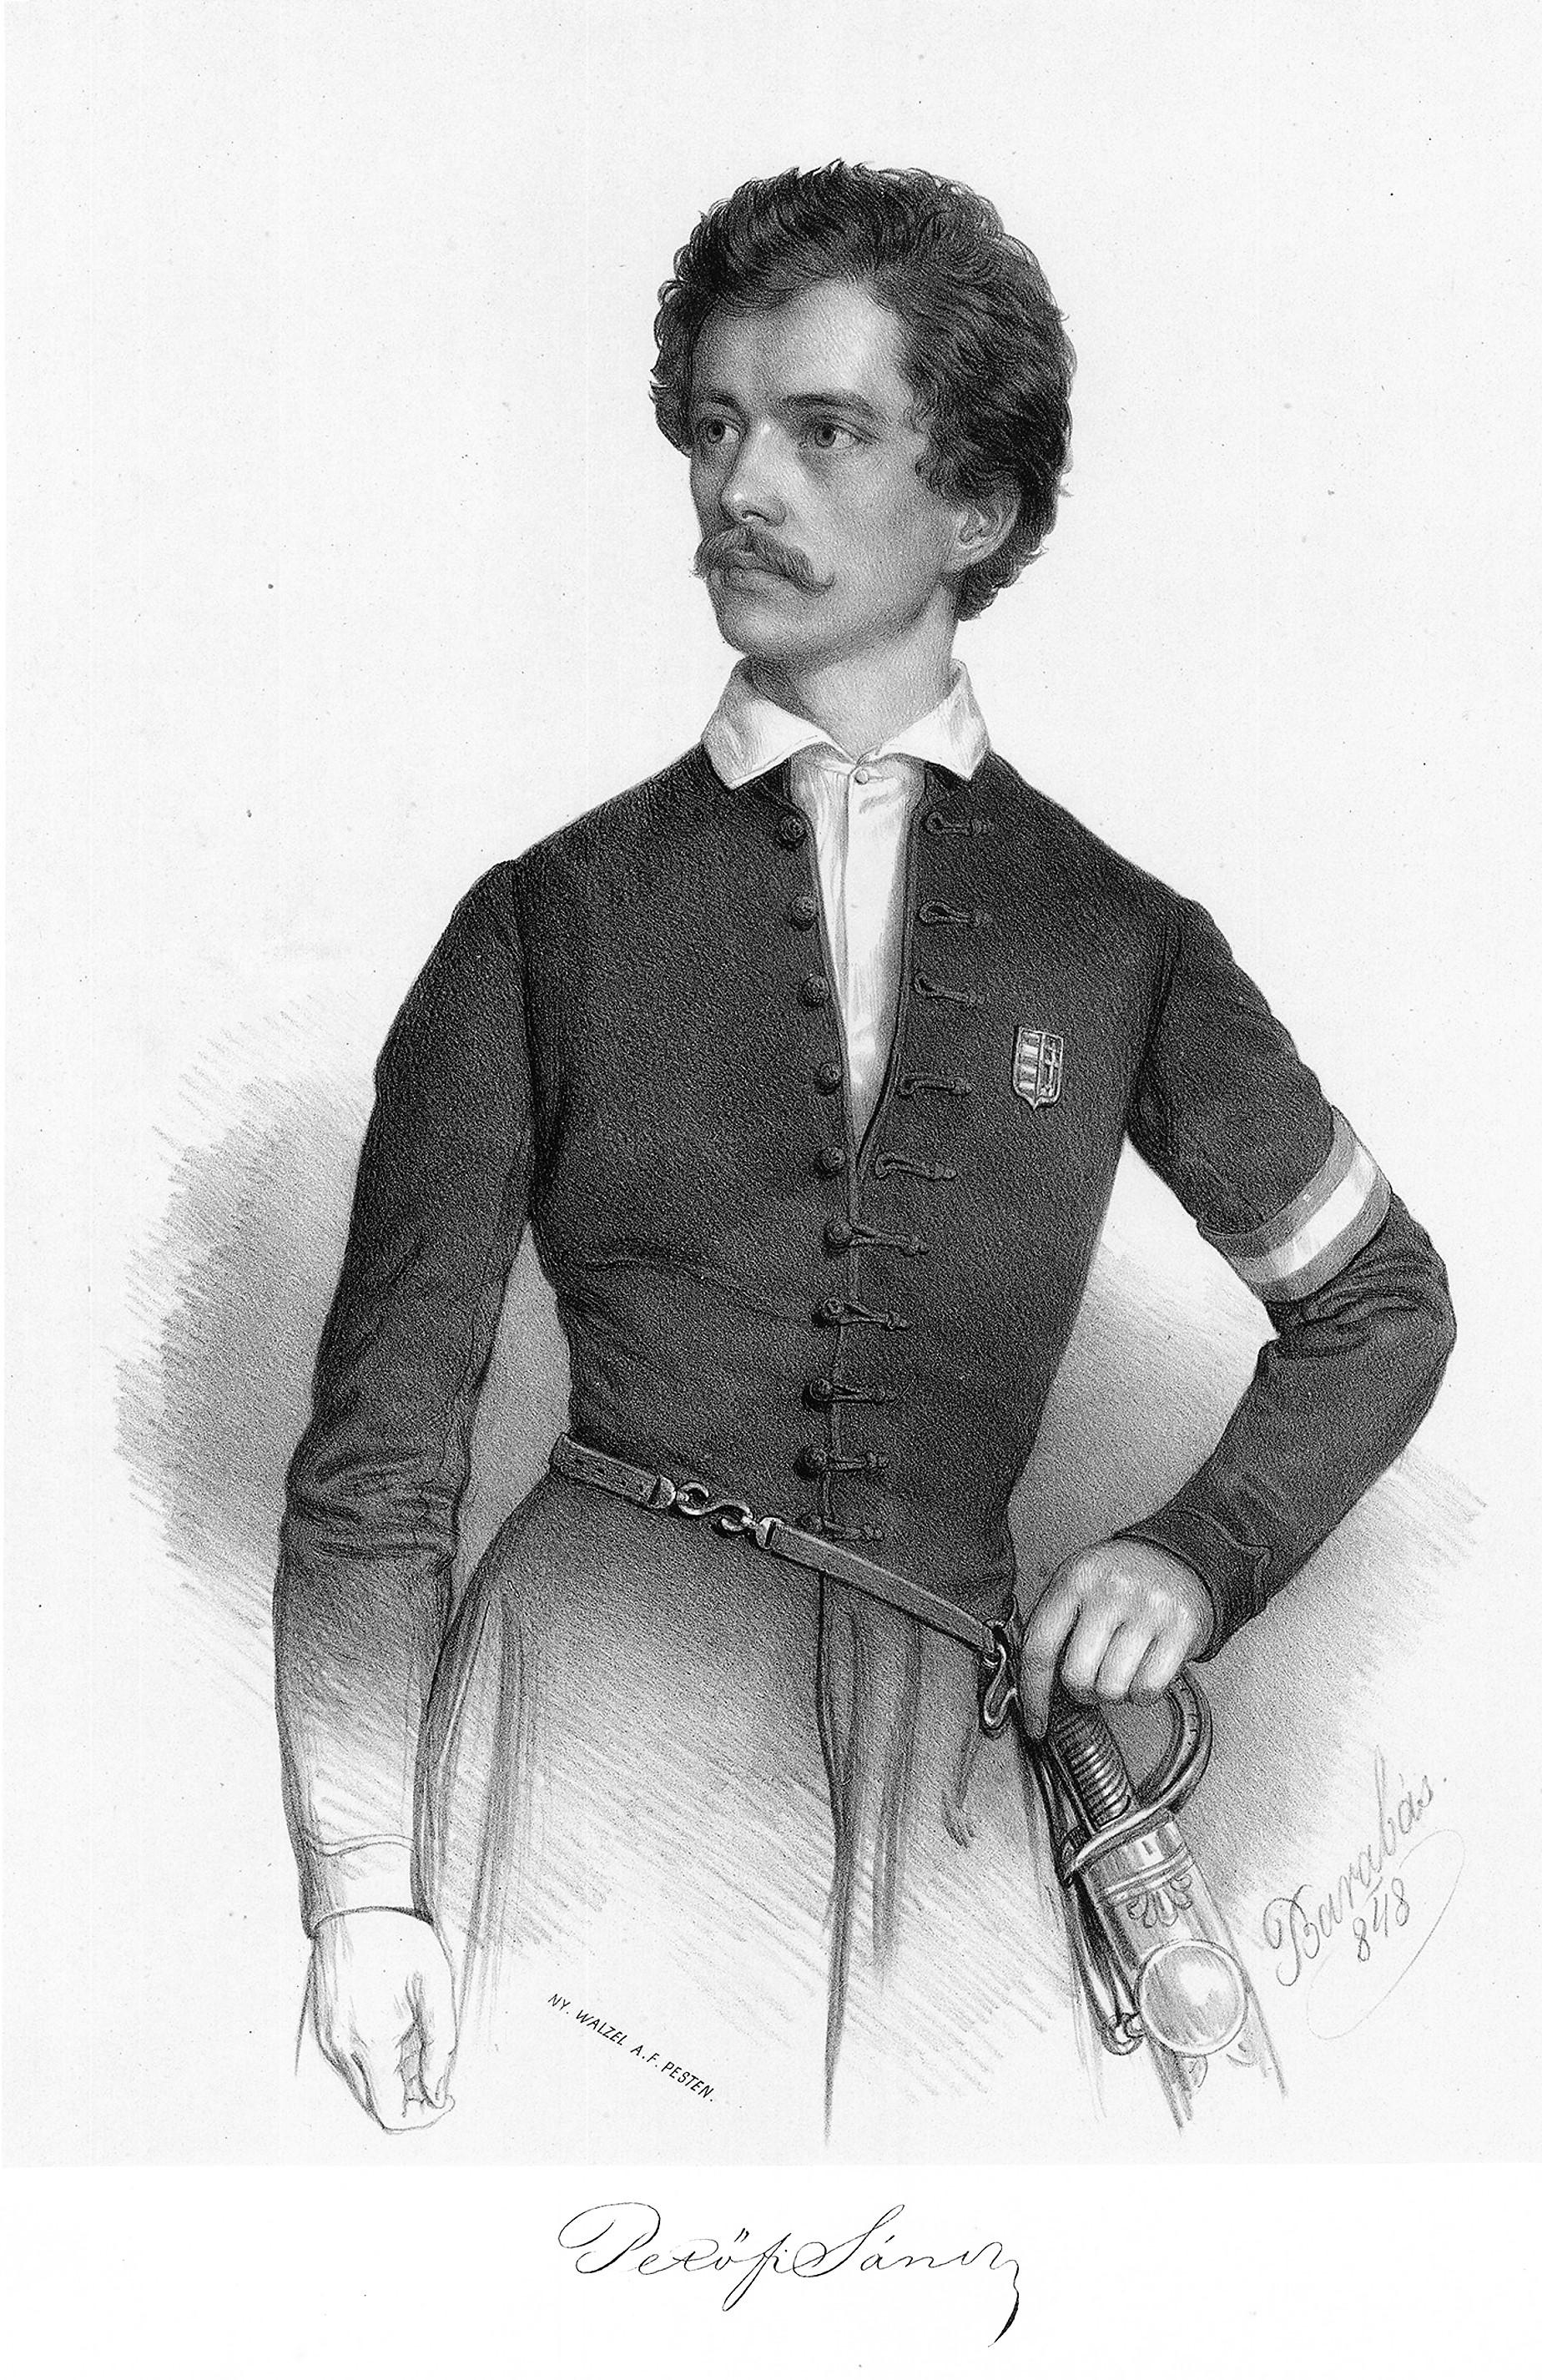 irodalmi önéletrajz fogalmazás Petőfi Sándor – Wikipédia irodalmi önéletrajz fogalmazás